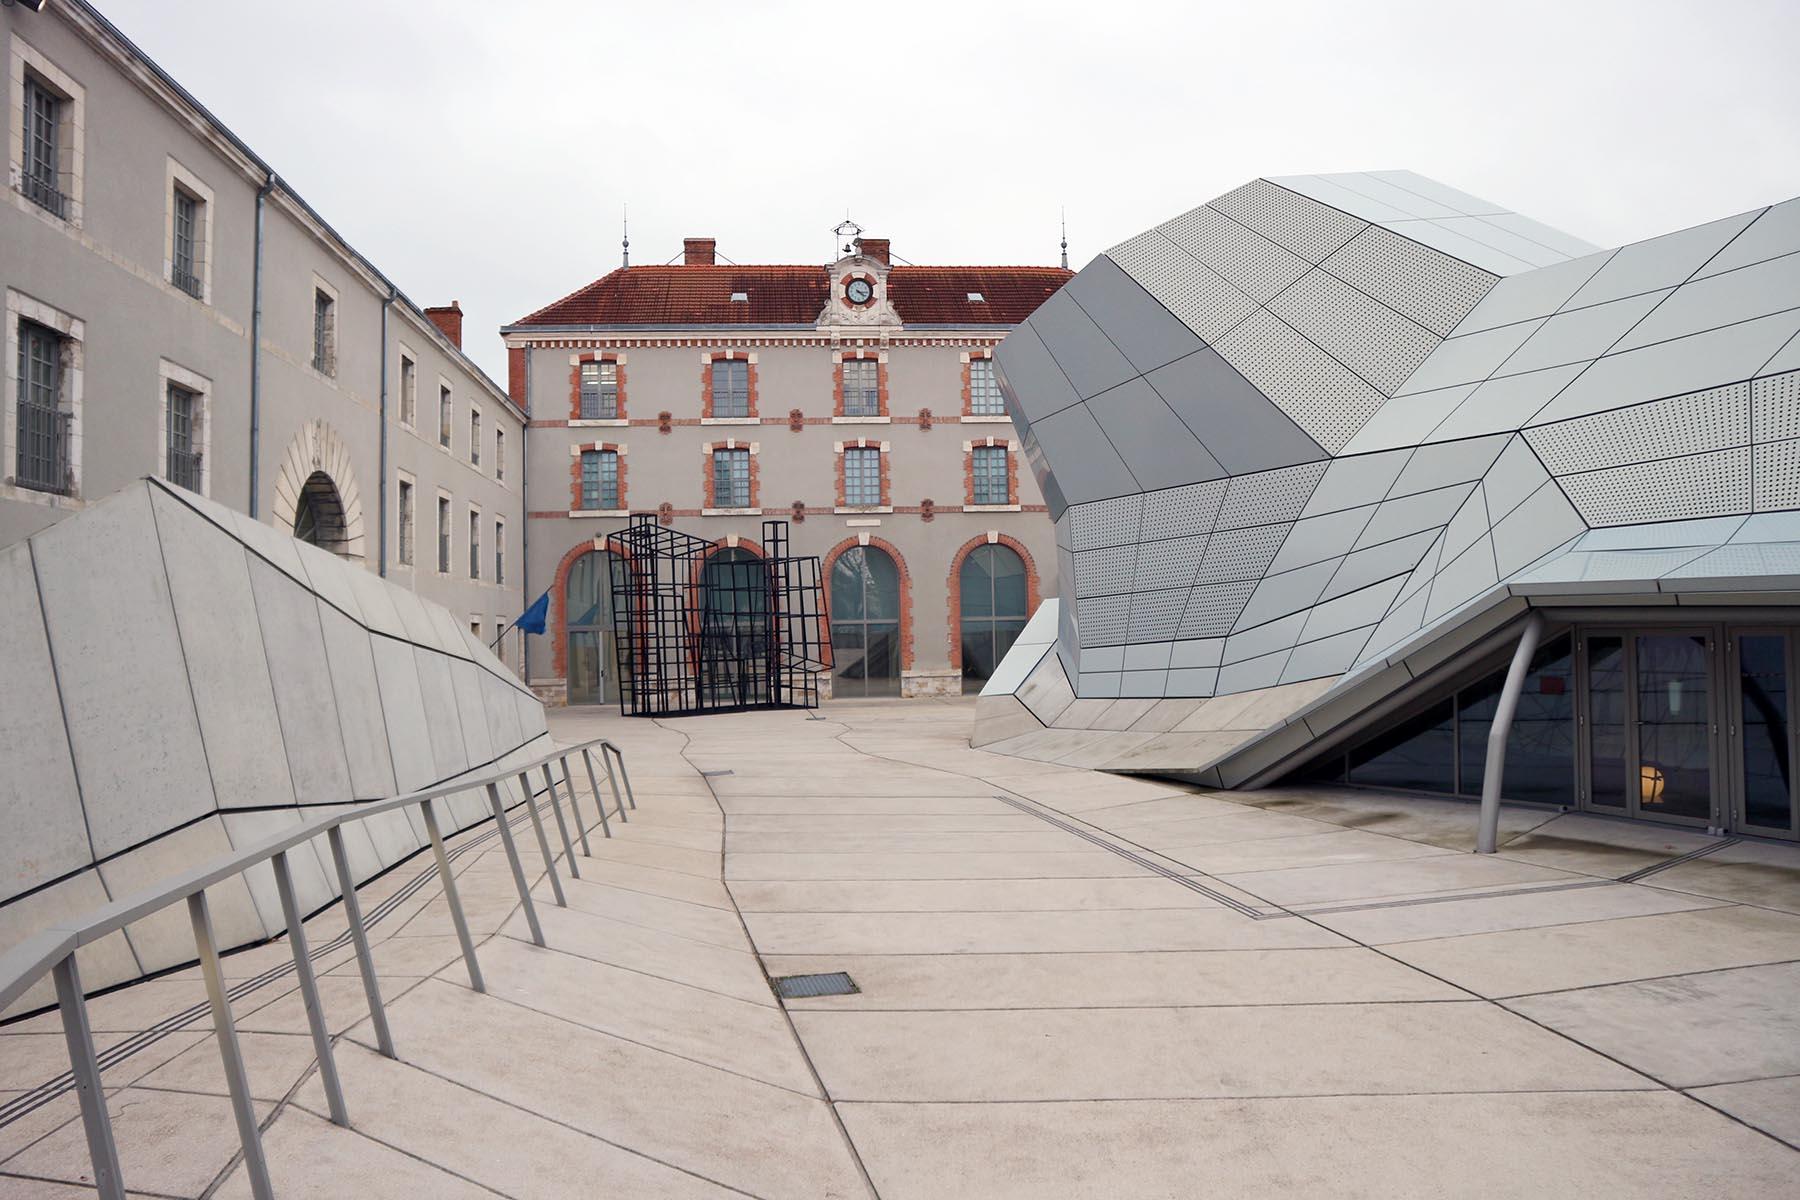 Biennale d'Architecture d'Orléans. Noch bis zum 1. April 2018 in Orléans und anderen Orten der Region Centre – Val de Loire (Loiretal) zu sehen. Hauptaustragungsort ist das FRAC Centre-Val de Loire.